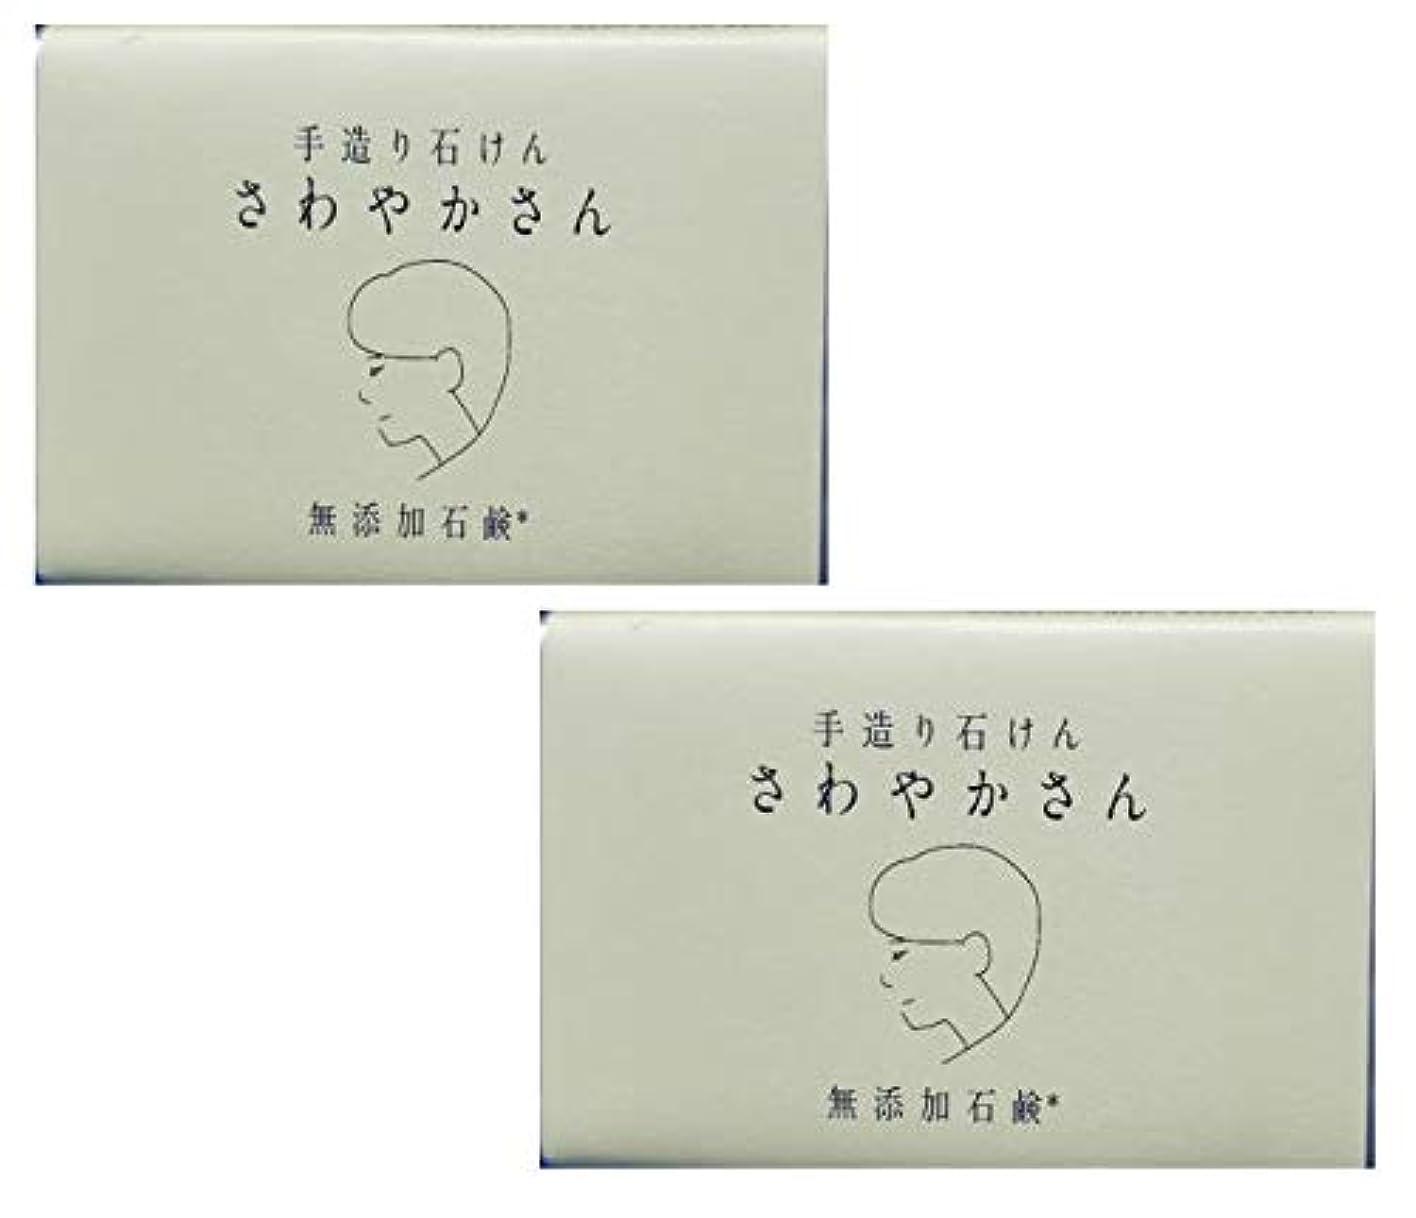 終了しました授業料スキャンダルやさしい 手造り石鹸 「さわやかさん」90g 無添加 コールドプロセス製法 洗顔せっけん (2個セット)